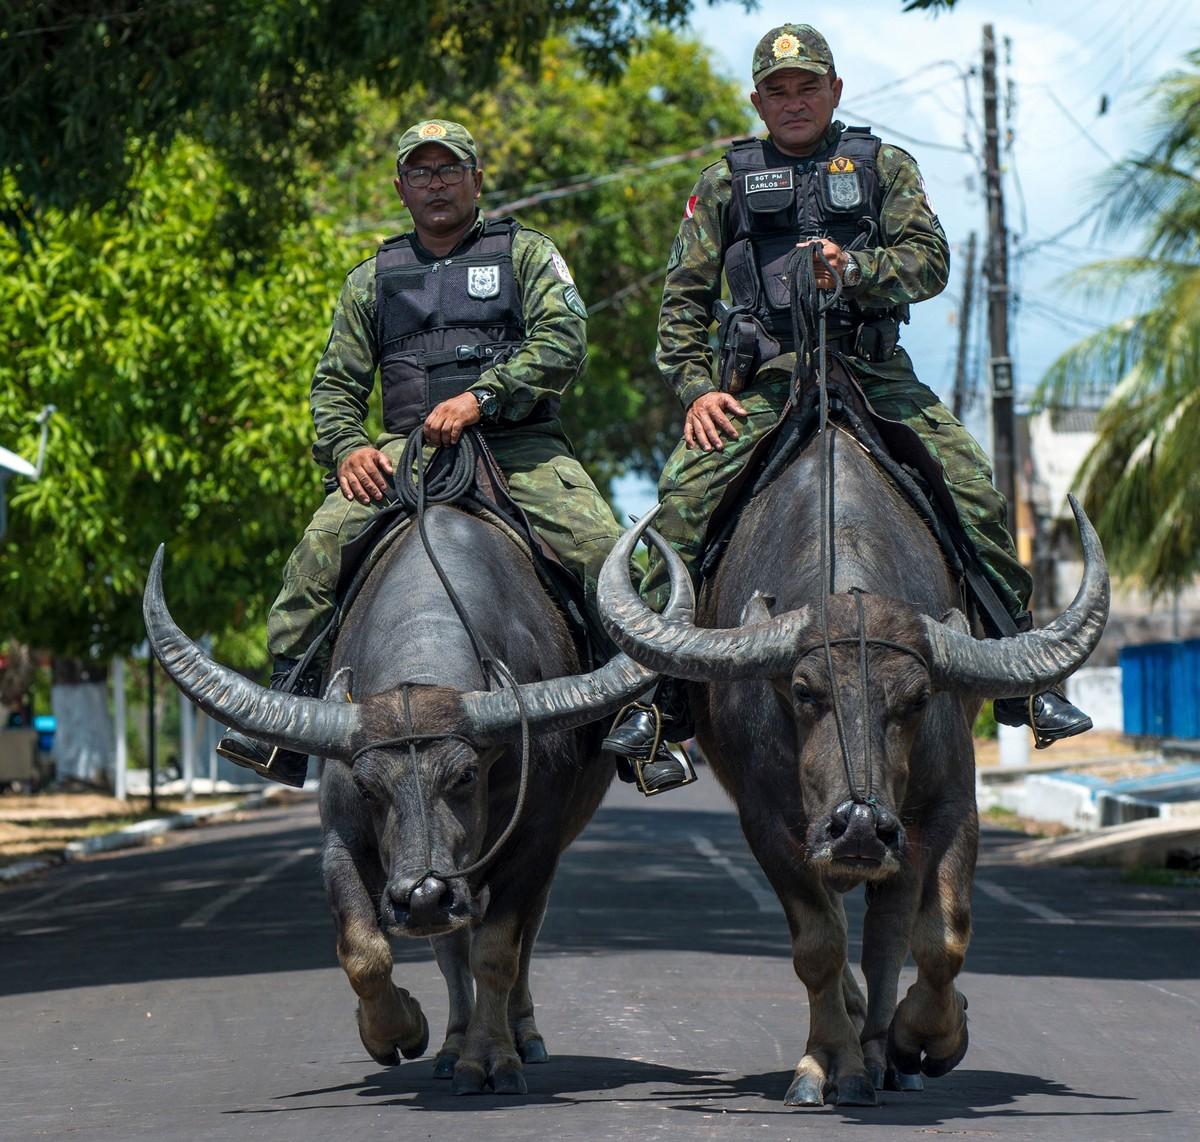 Бразильские копы патрулируют улицы верхом на огромных буйволах